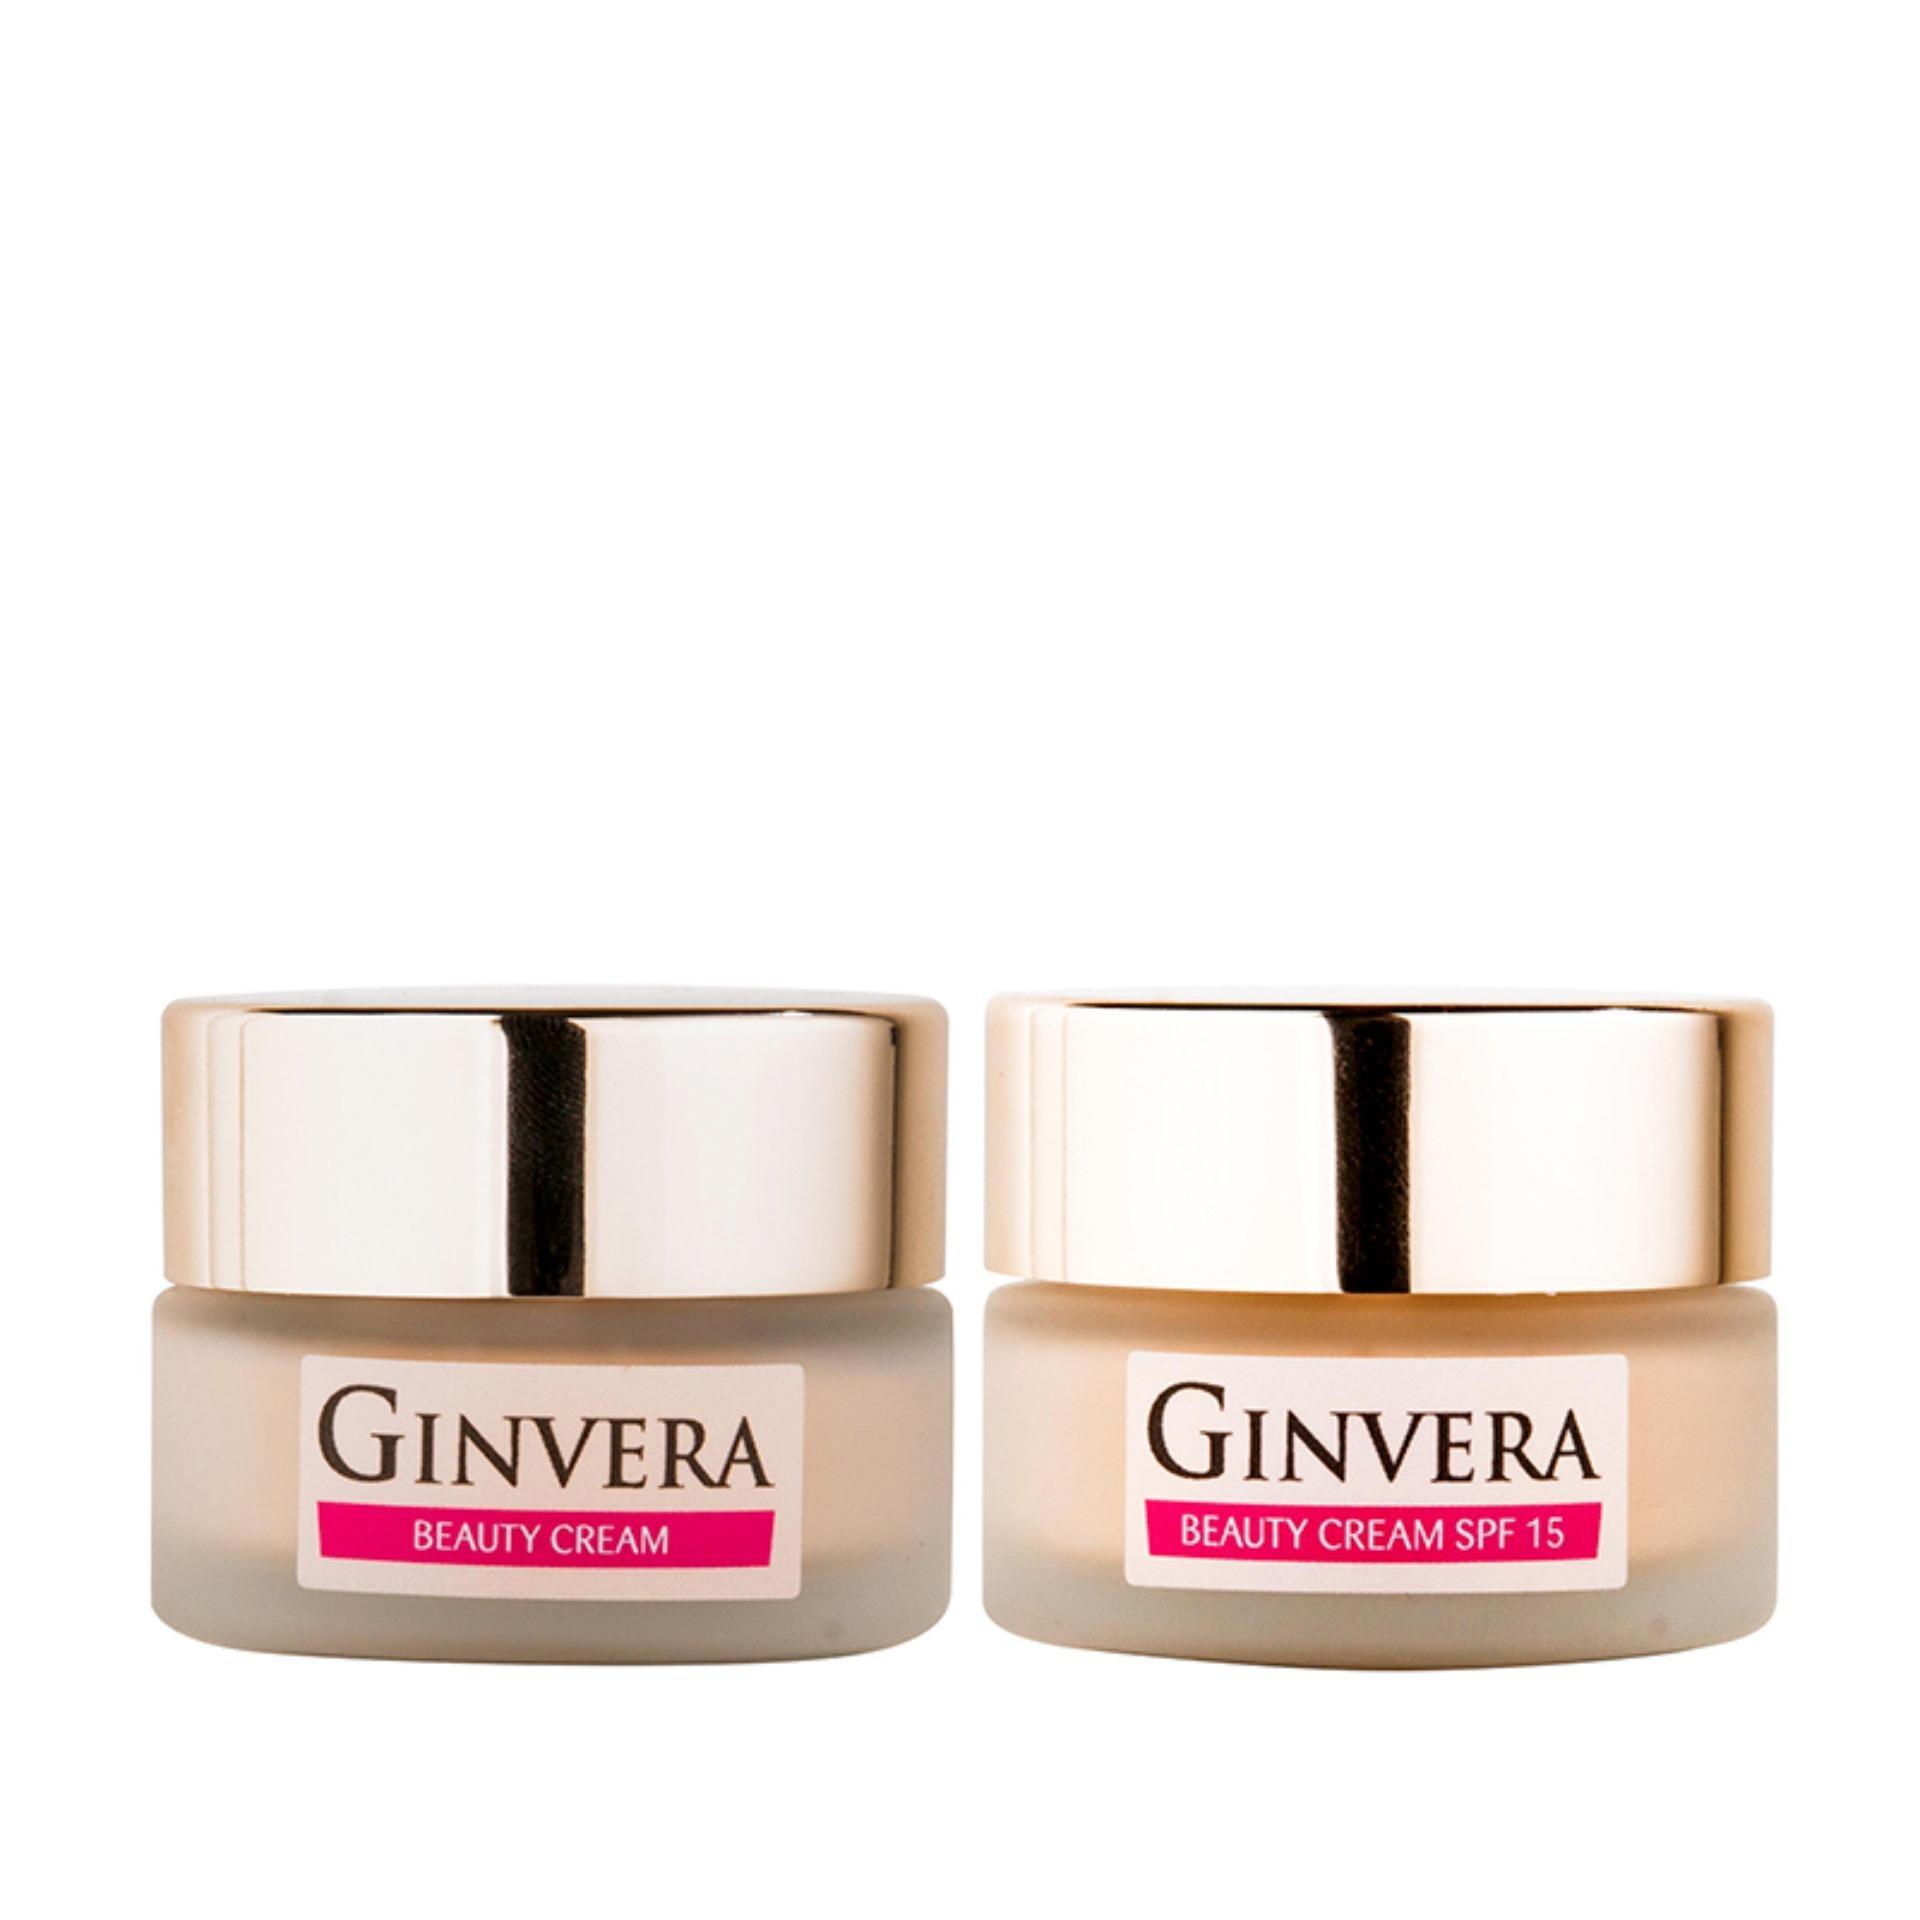 Ginvera Korean Secrets White Glow Beauty Cream SPF15 16g x 1 + Ginvera Korean Secrets White Glow Beauty Cream SPF15 16g x 1